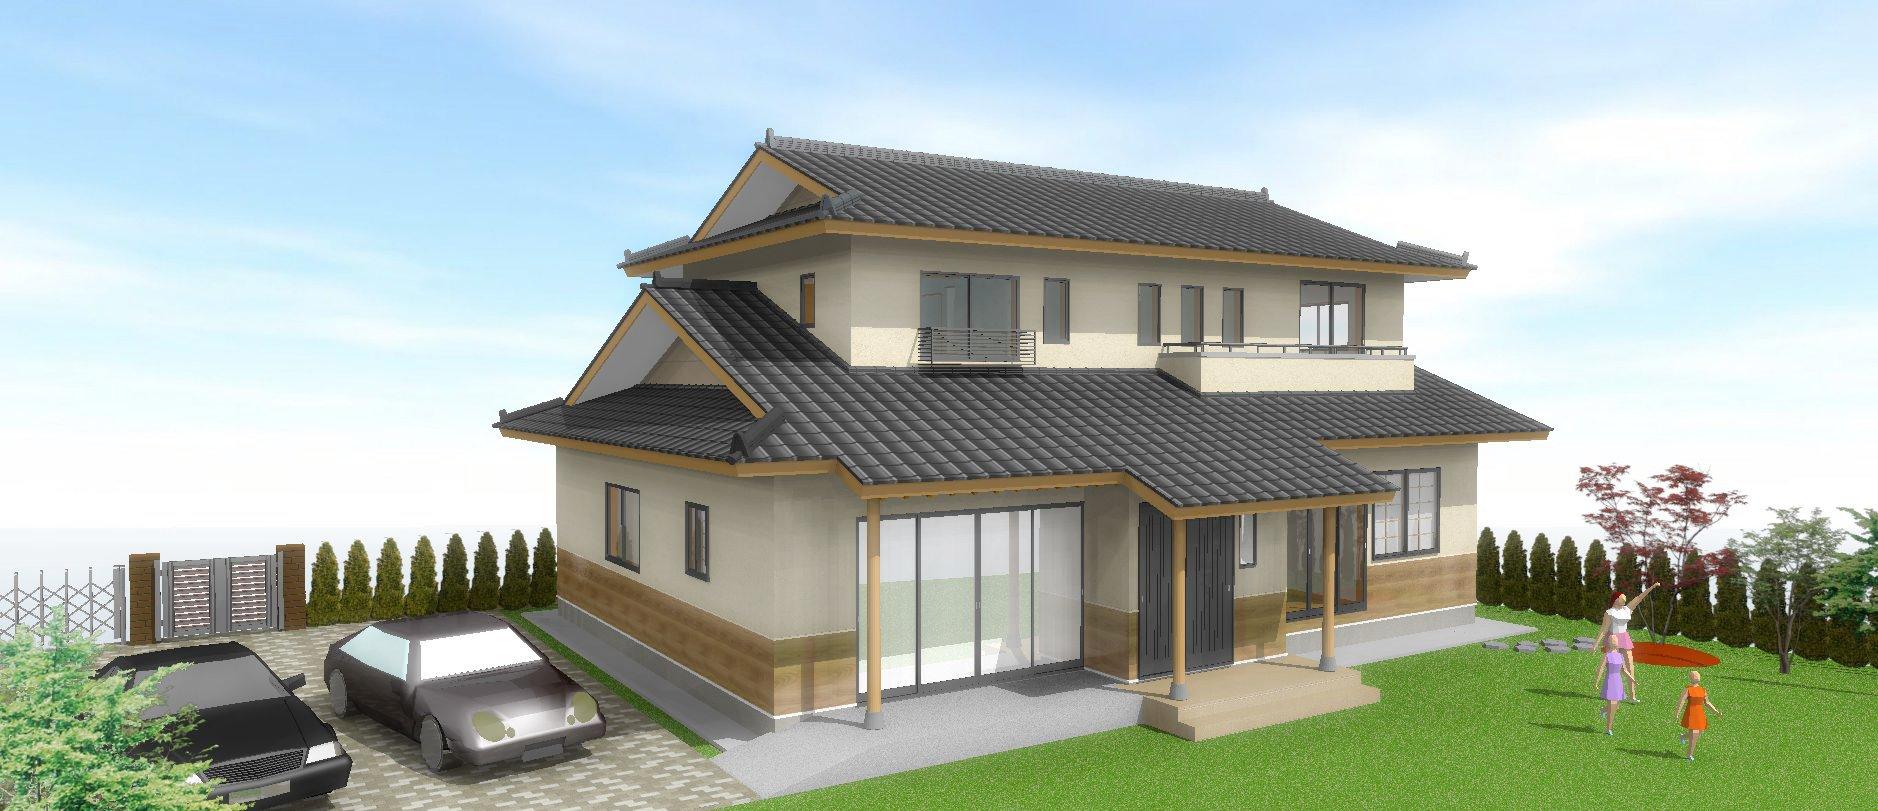 石川町沢田 E邸